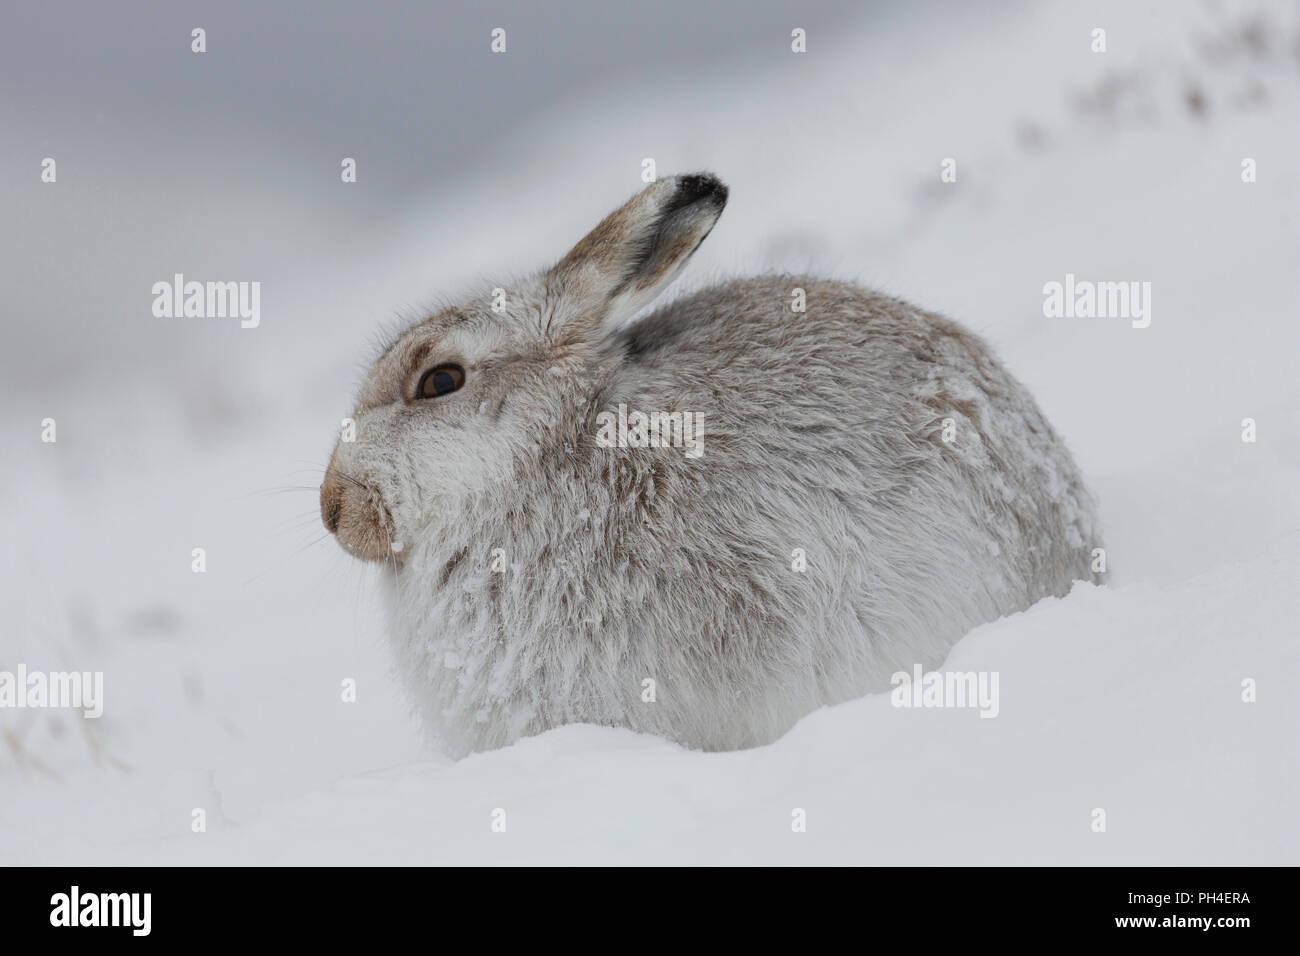 La liebre de montaña (Lepus timidus). Adulto en abrigo blanco (pelaje) en la nieve. El Parque Nacional de Cairngorms, Escocia Imagen De Stock